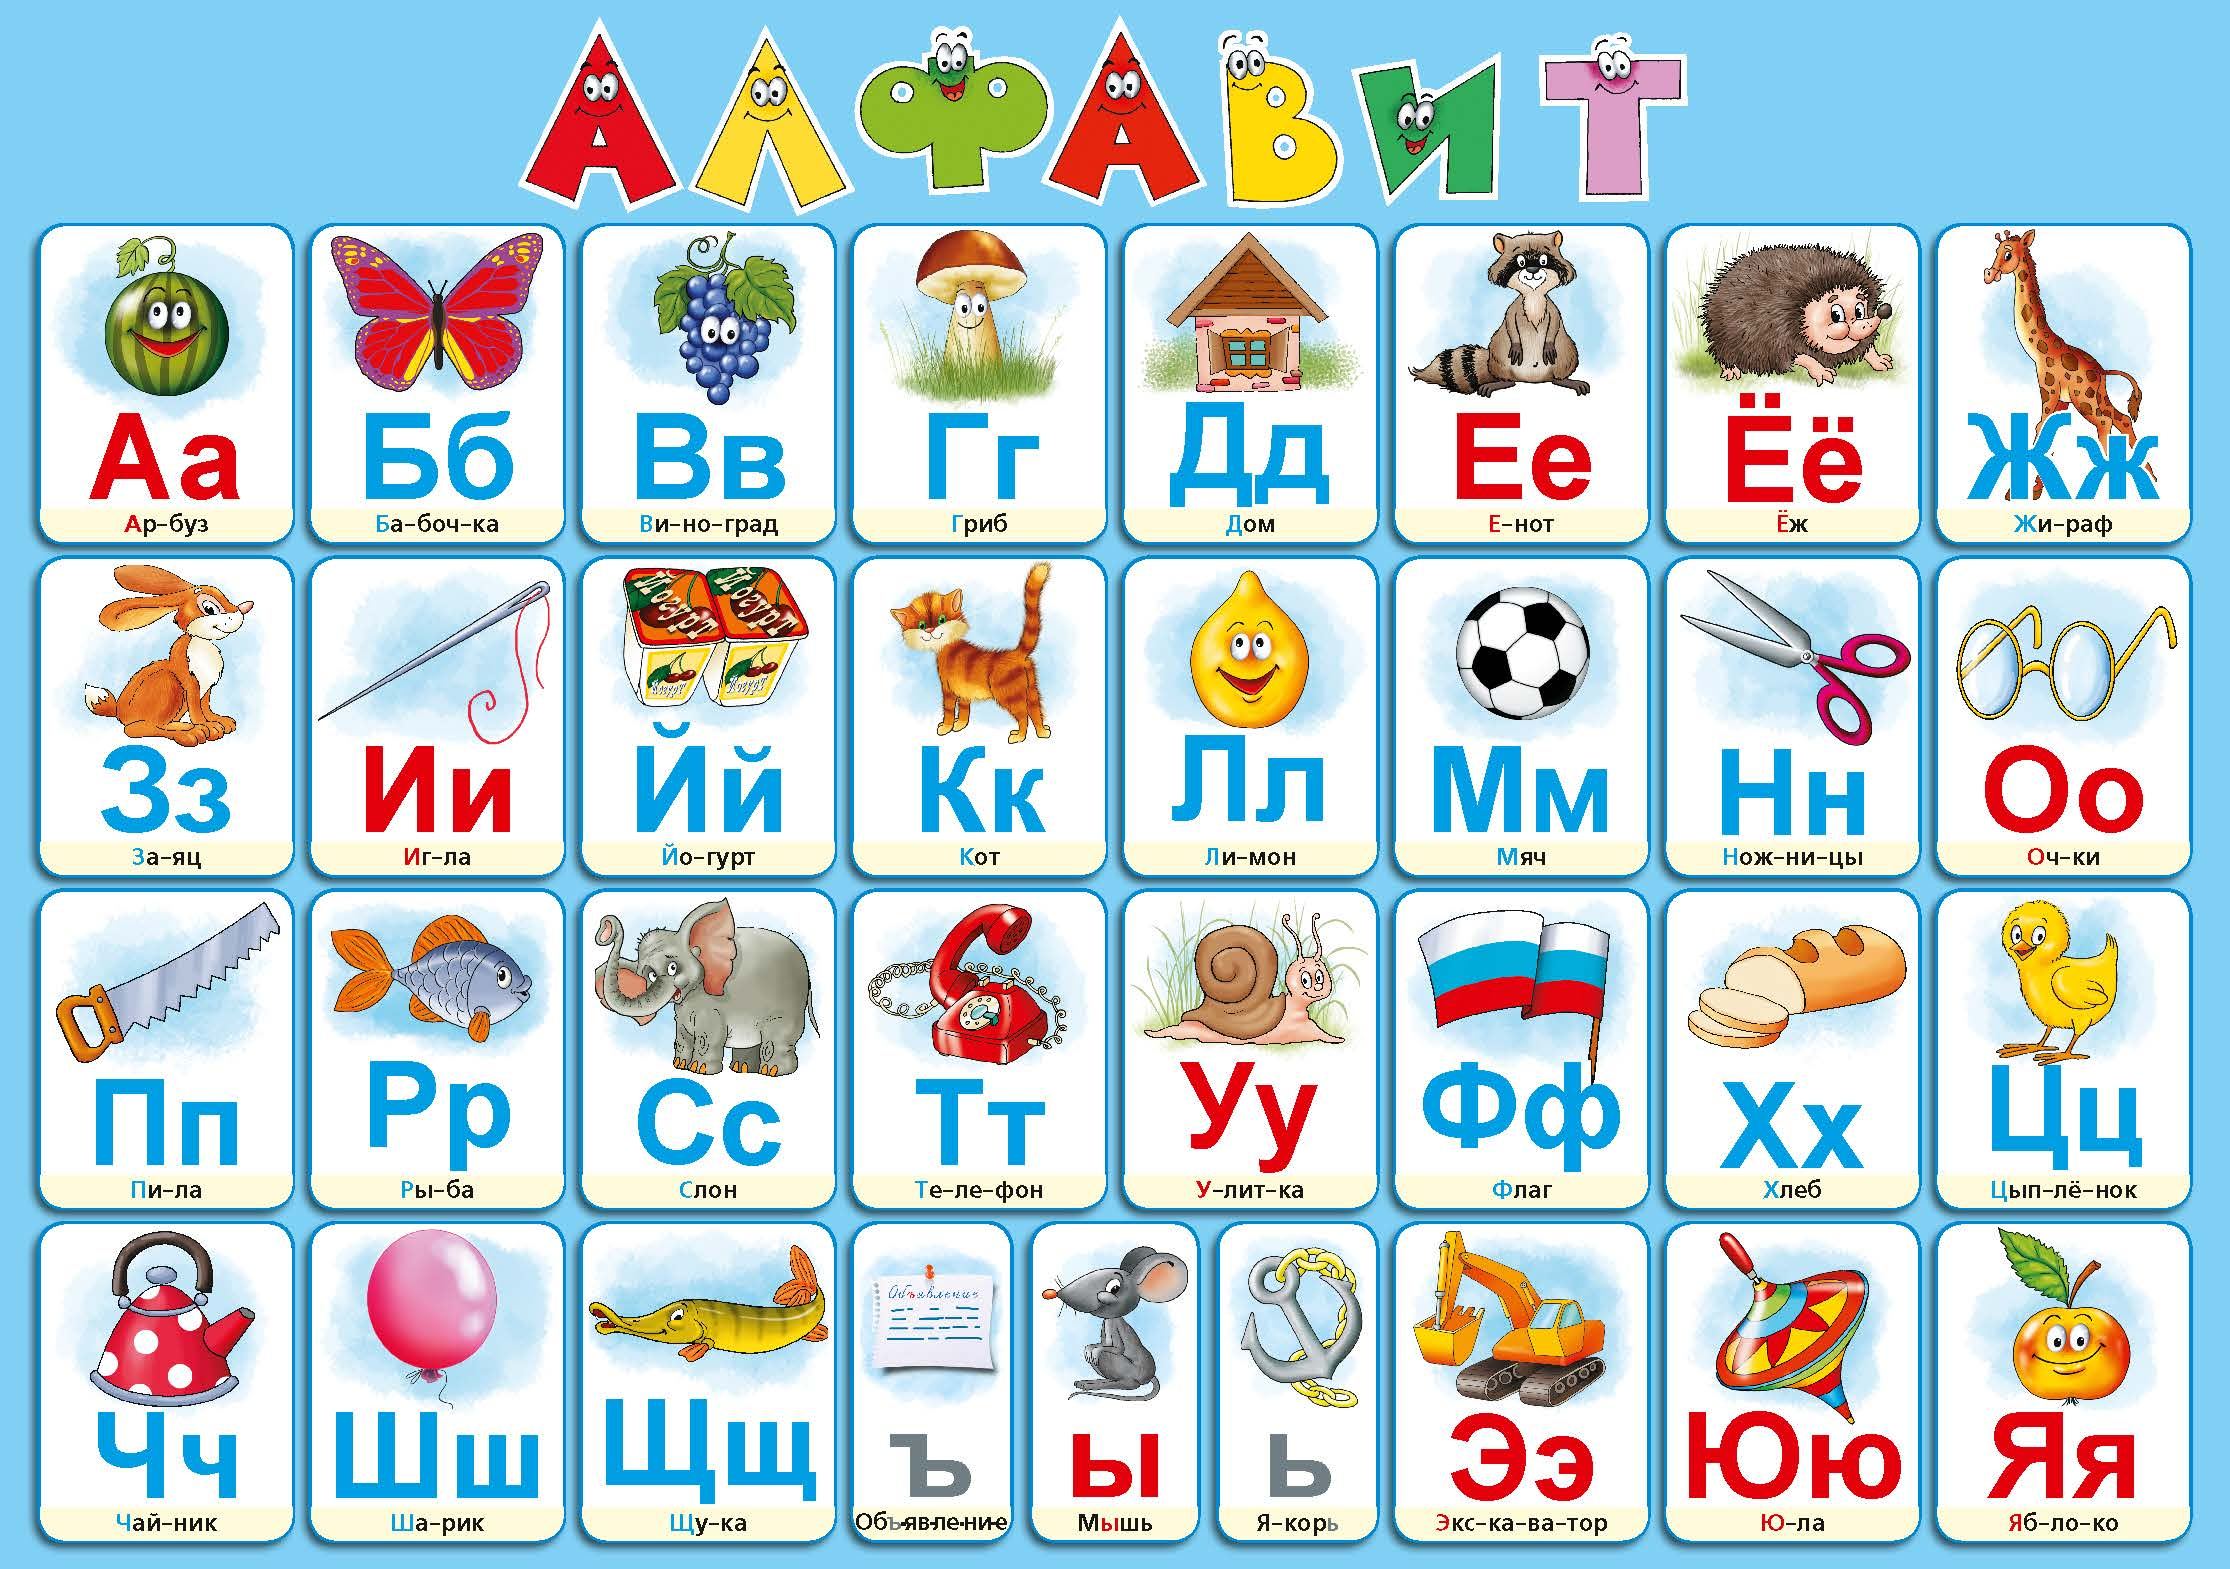 русский алфавит для распечатки с картинками этом руководстве